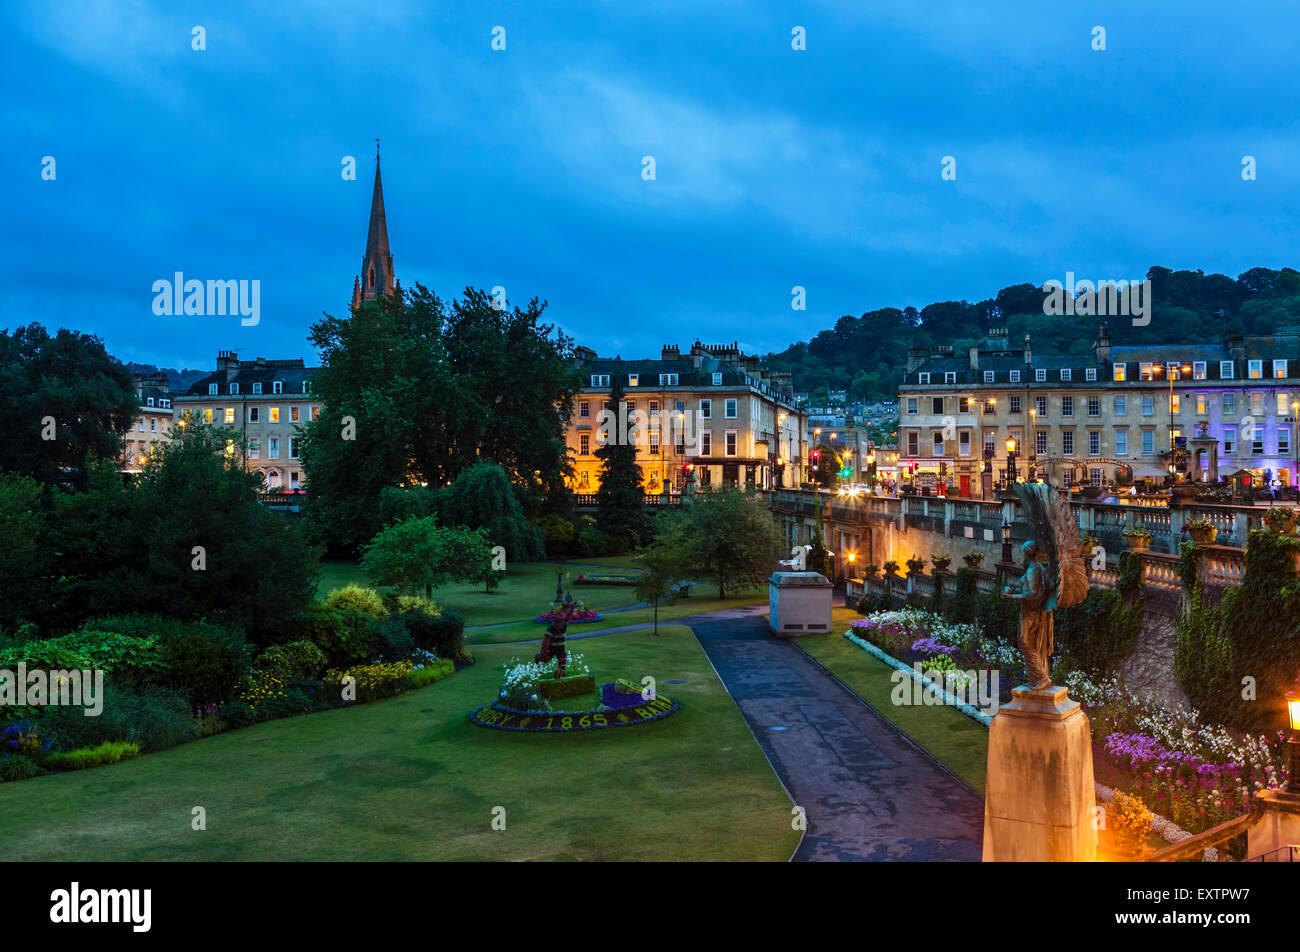 Night Shot di Parade Gardens nella storica città vecchia, bagno, Somerset, Inghilterra, Regno Unito Immagini Stock